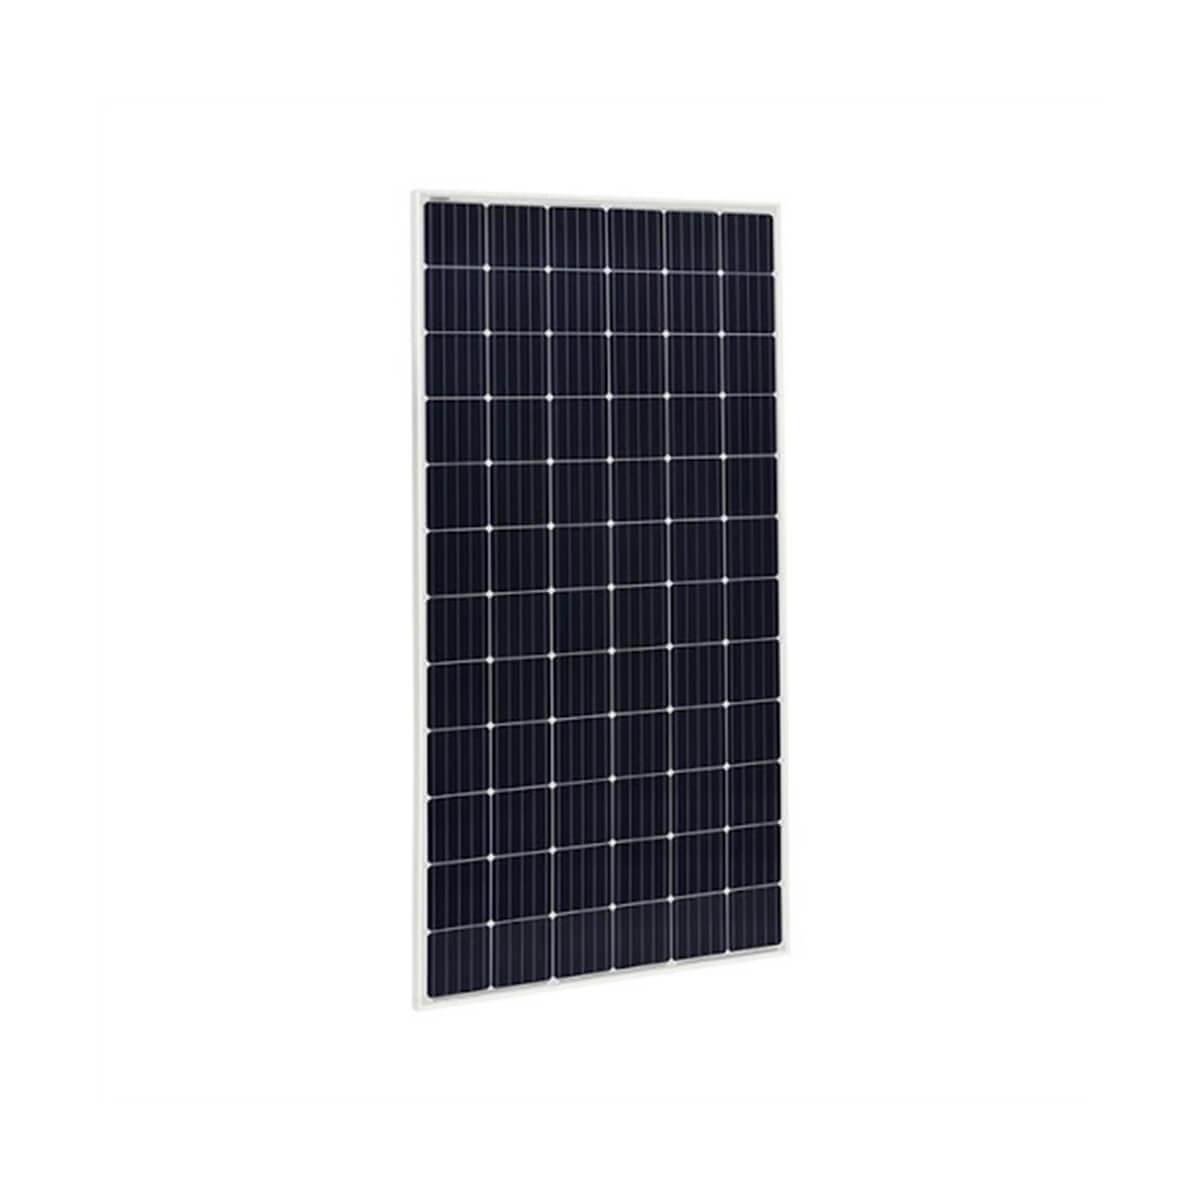 ht solar 400W panel, ht solar 400Watt panel, ht solar 400 W panel, ht solar 400 Watt panel, ht solar 400 Watt monokristal panel, ht solar 400 W watt gunes paneli, ht solar 400 W watt monokristal gunes paneli, ht solar 400 W Watt fotovoltaik monokristal solar panel, ht solar 400W monokristal gunes enerjisi, ht solar HT72-156M-400W panel, HT SOLAR 400 WATT